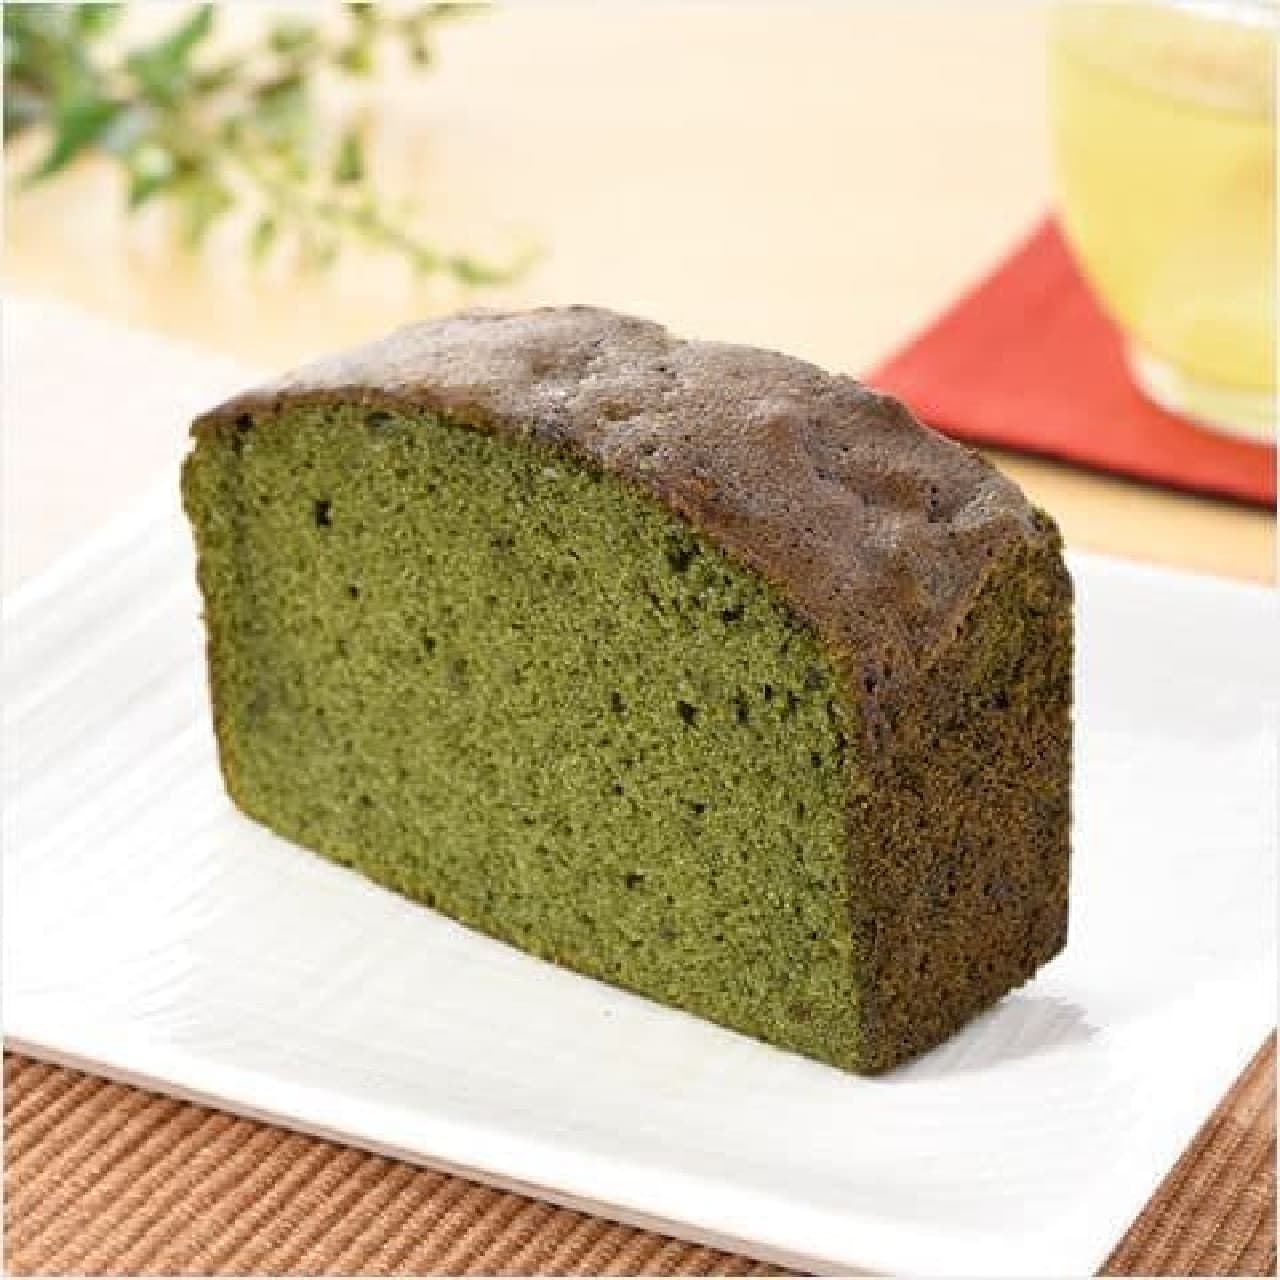 ファミリーマート「濃い色抹茶のパウンドケーキ」